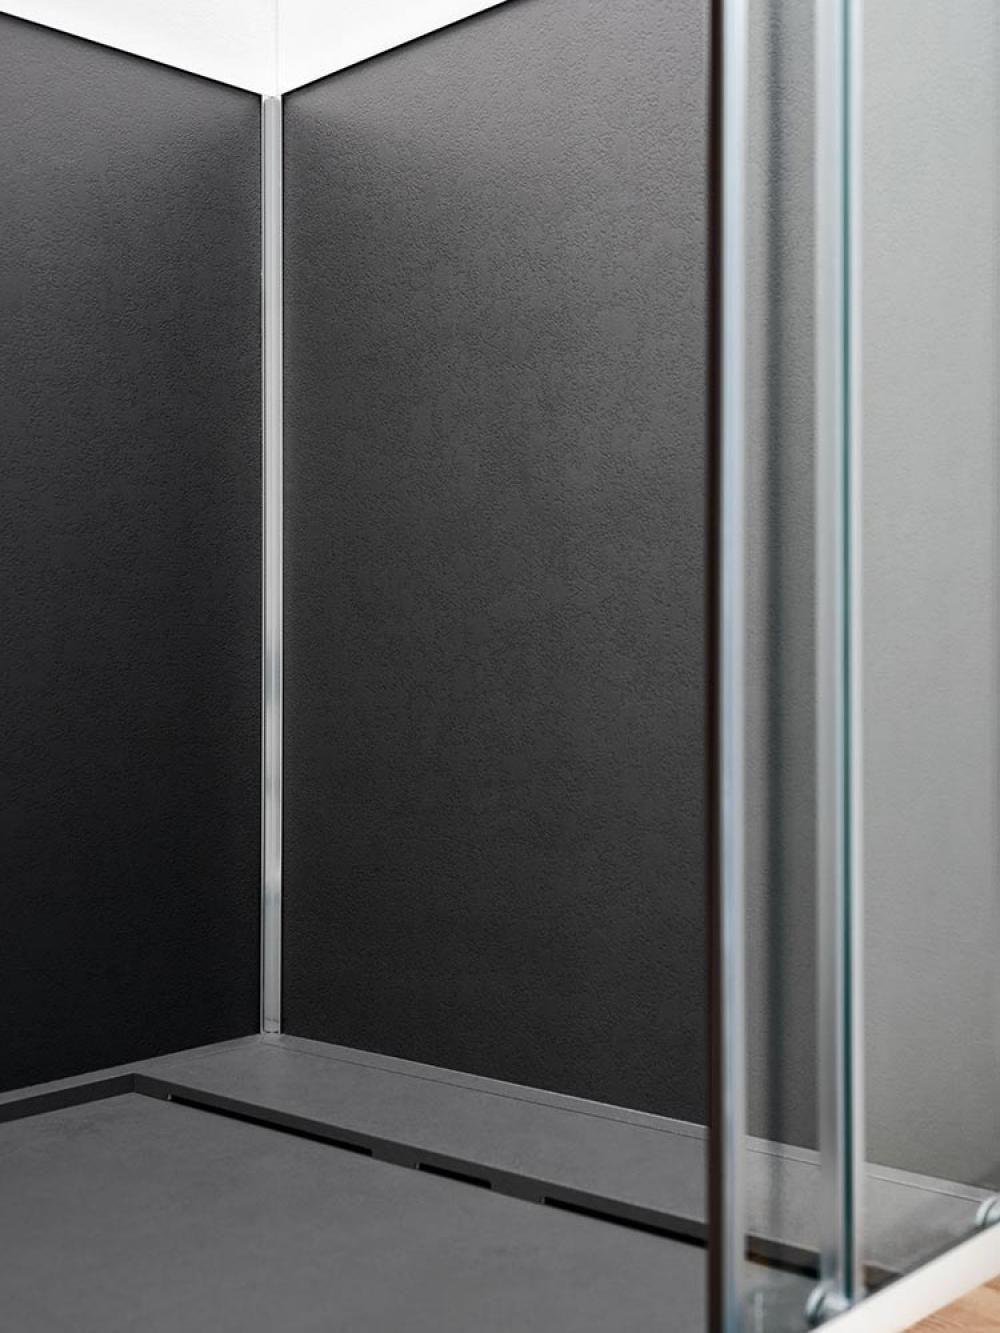 Plaque De Resine Pour Salle De Bain | Bright Shadow Online destiné Panneau Composite Salle De Bain